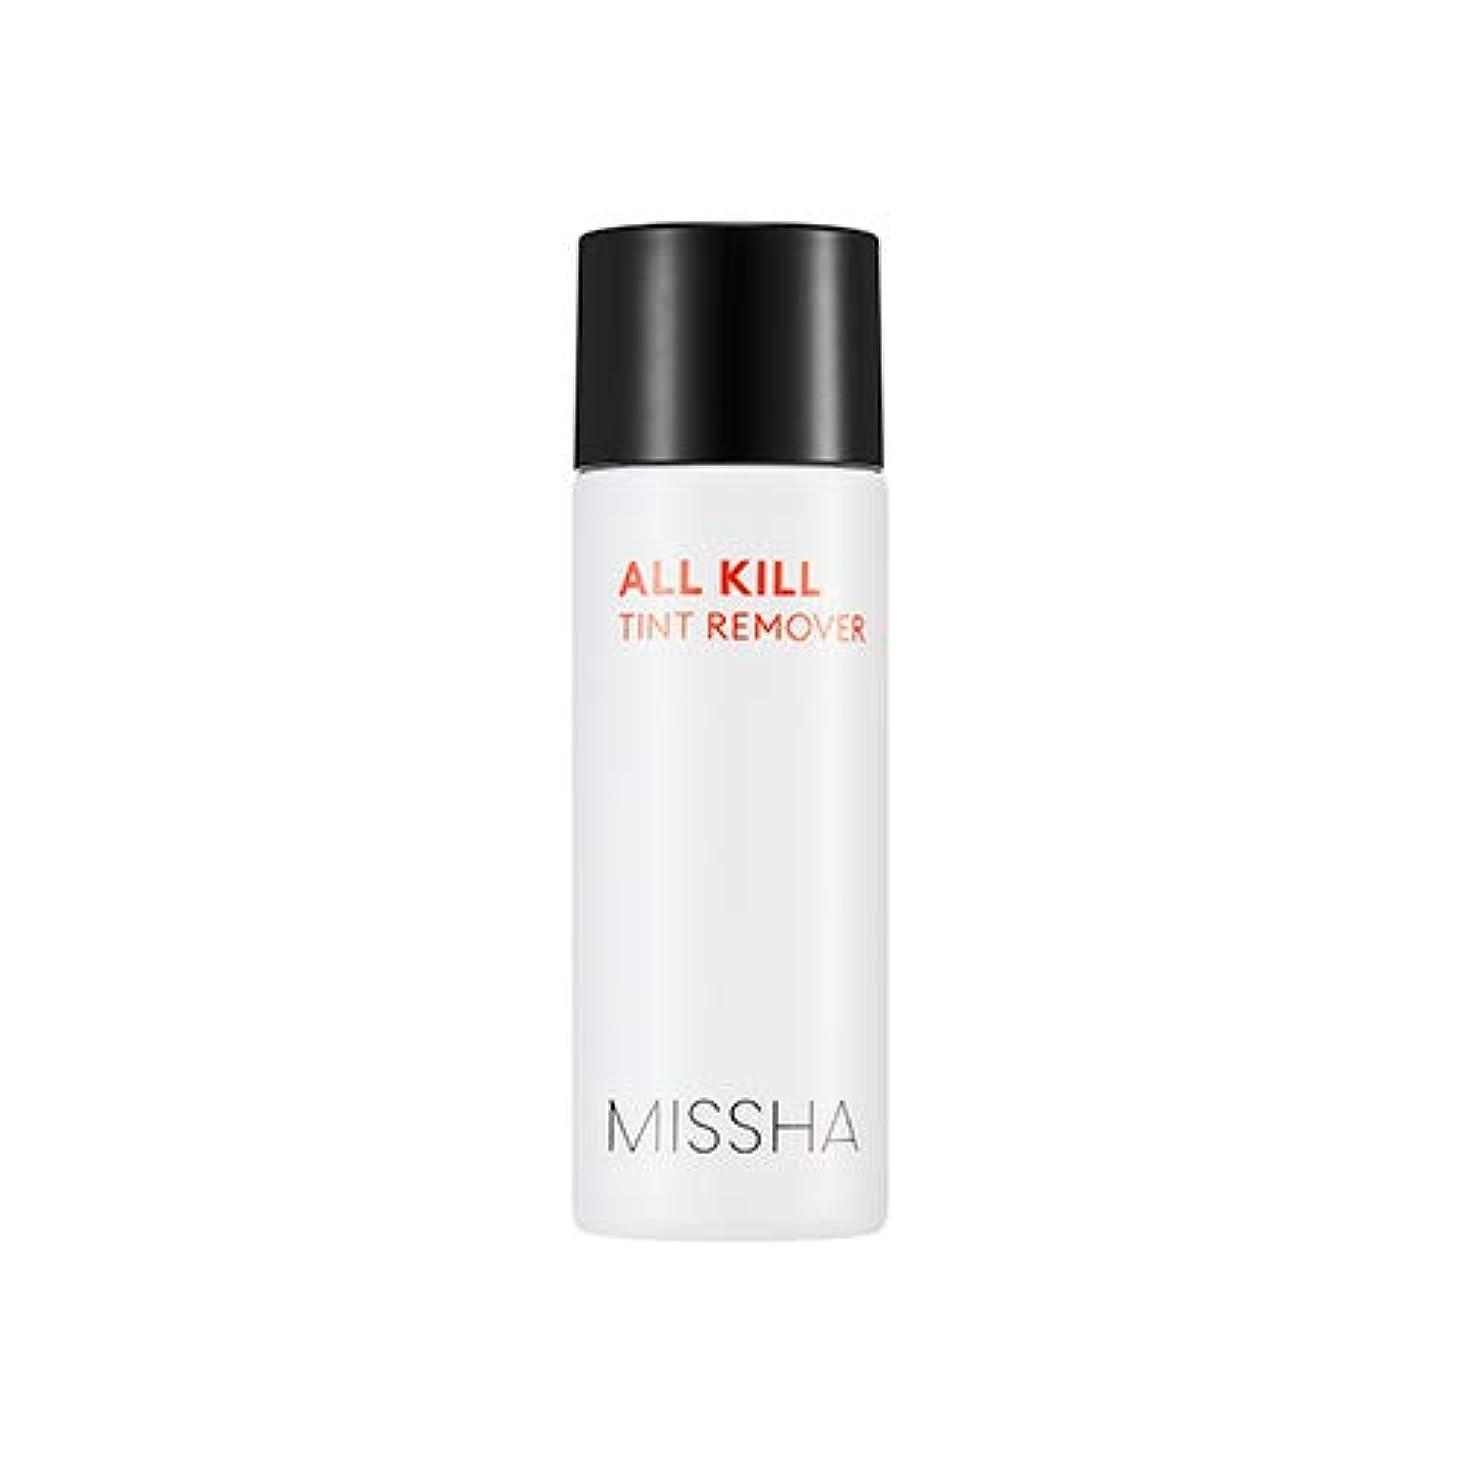 日記興奮助言[1+1] ミシャ オールキルティントリムーバー/MISSHA ALL KILL TINT REMOVER 30ml*2ea [並行輸入品]